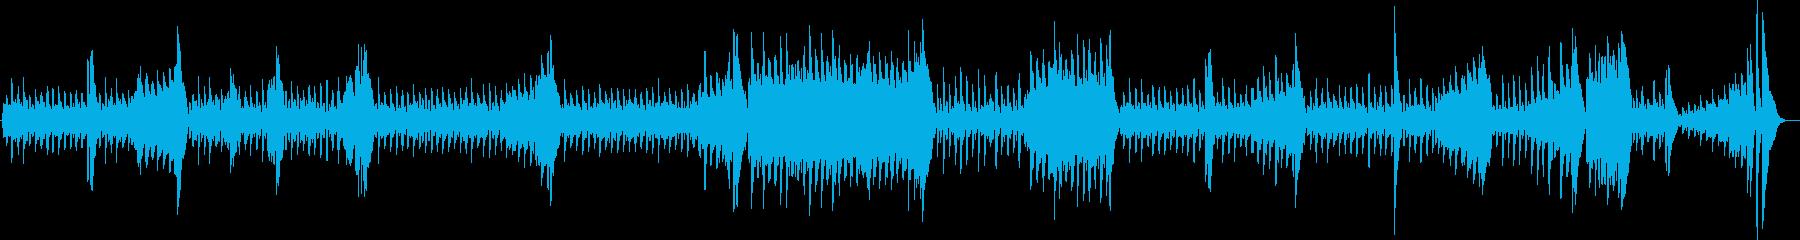 ウキウキわんこの、かわいいお散歩ピアノ曲の再生済みの波形